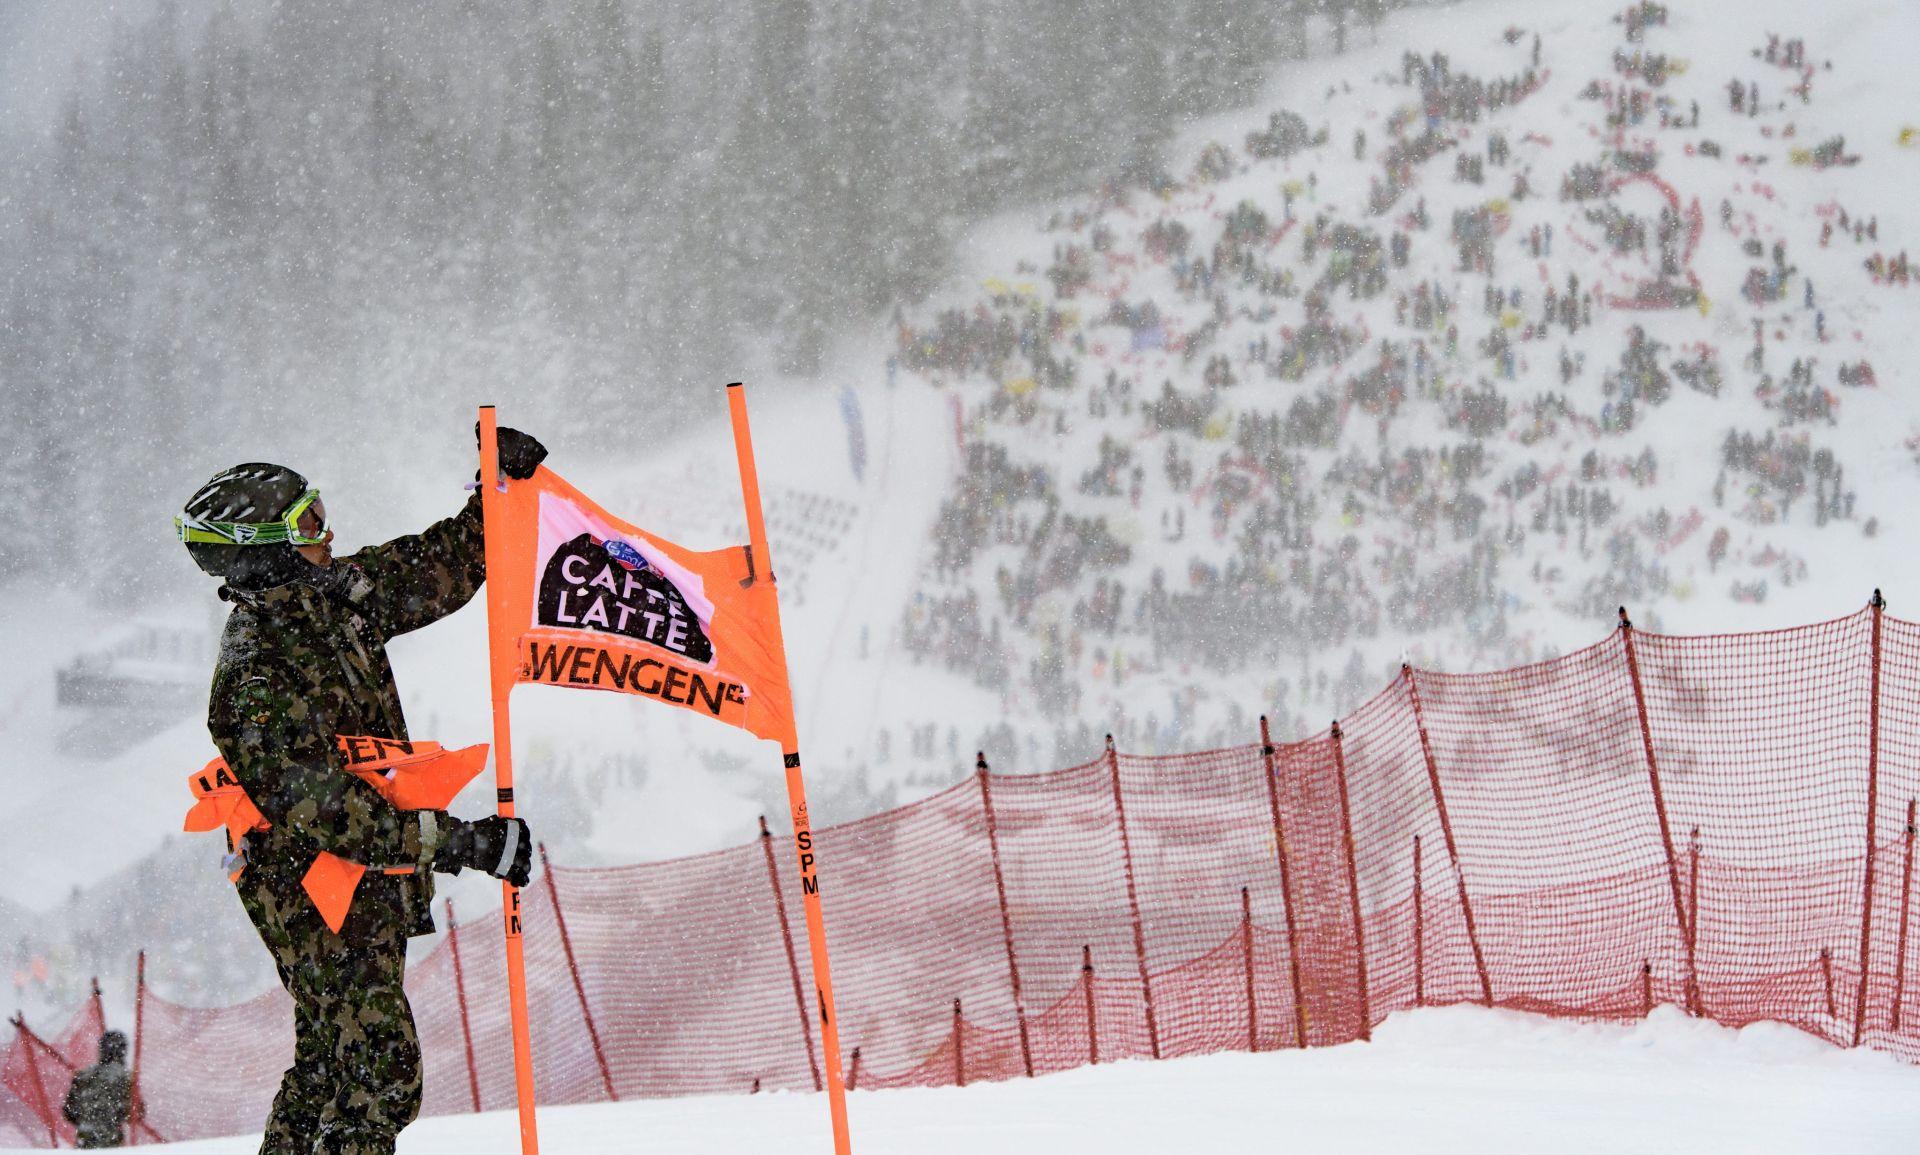 Otkazani spust za skijašice u Altenmarktu i spust za skijaše u Wengenu